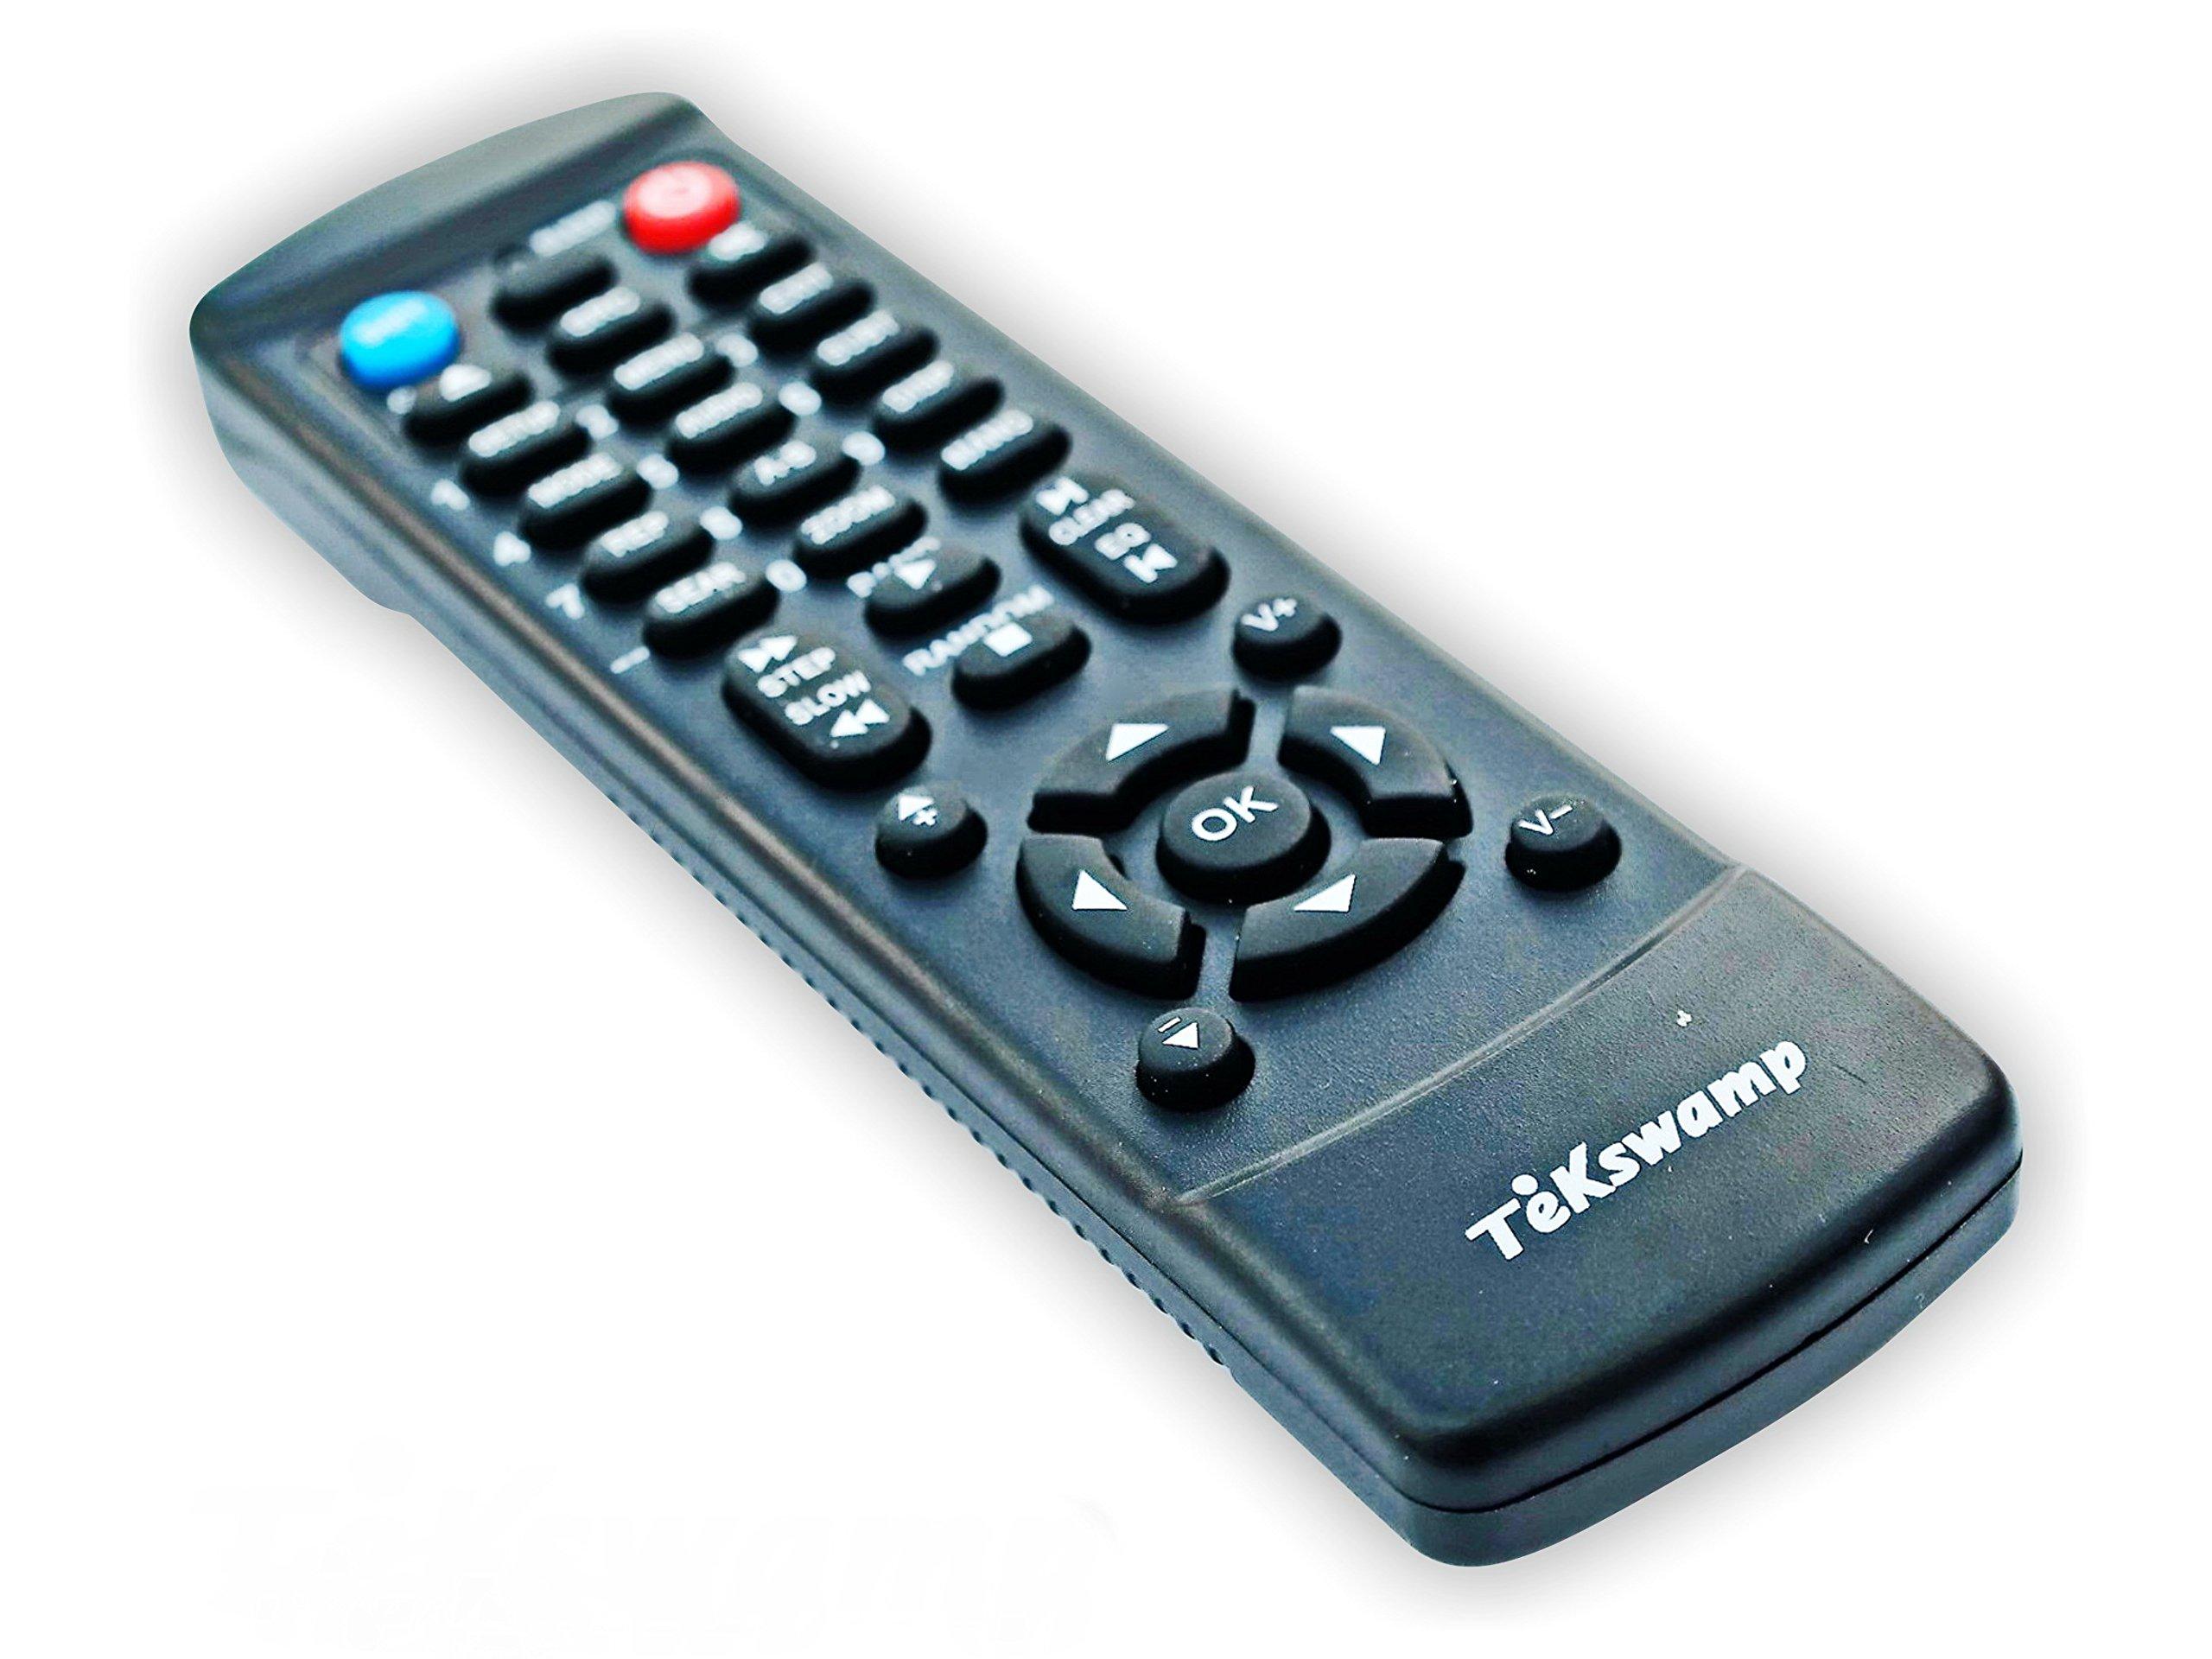 Remote Control for Bose SoundLink by Tekswamp by Tekswamp (Image #2)